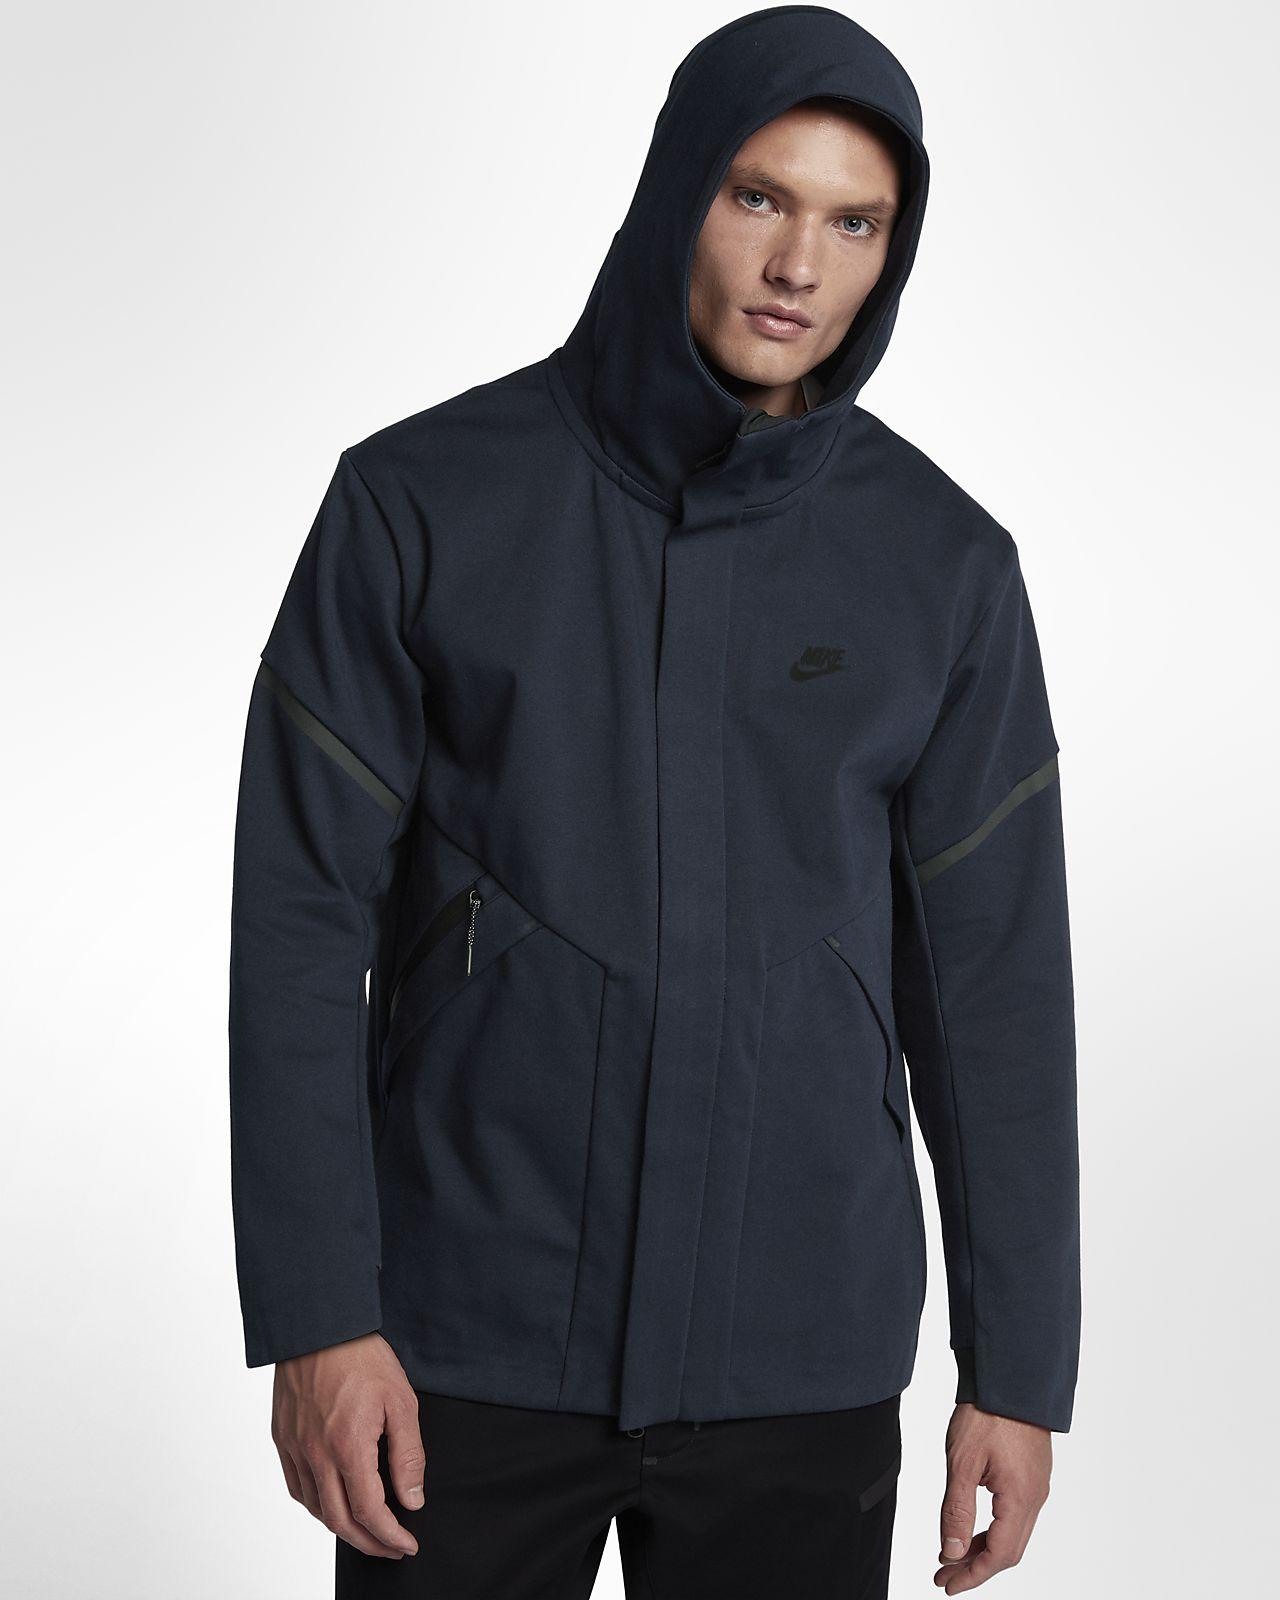 Nike men's spring tech windrunner jacket